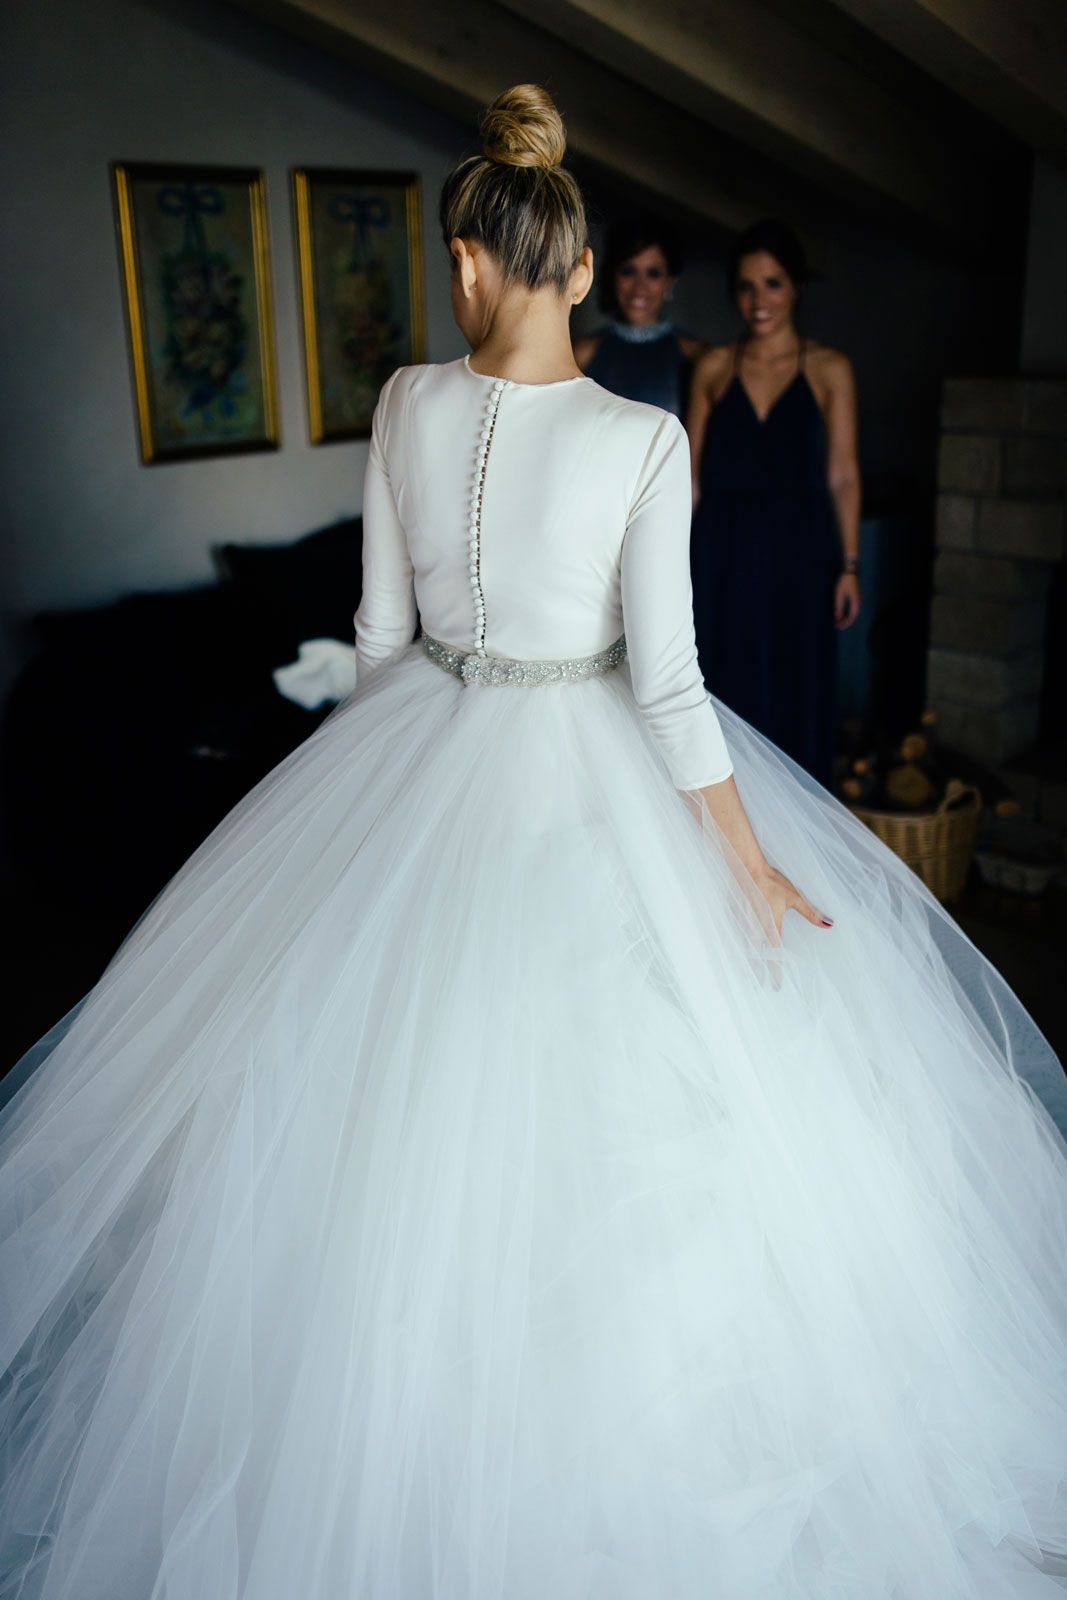 Fine Vestidos De Novia Baratos Tallas Grandes Gift - All Wedding ...